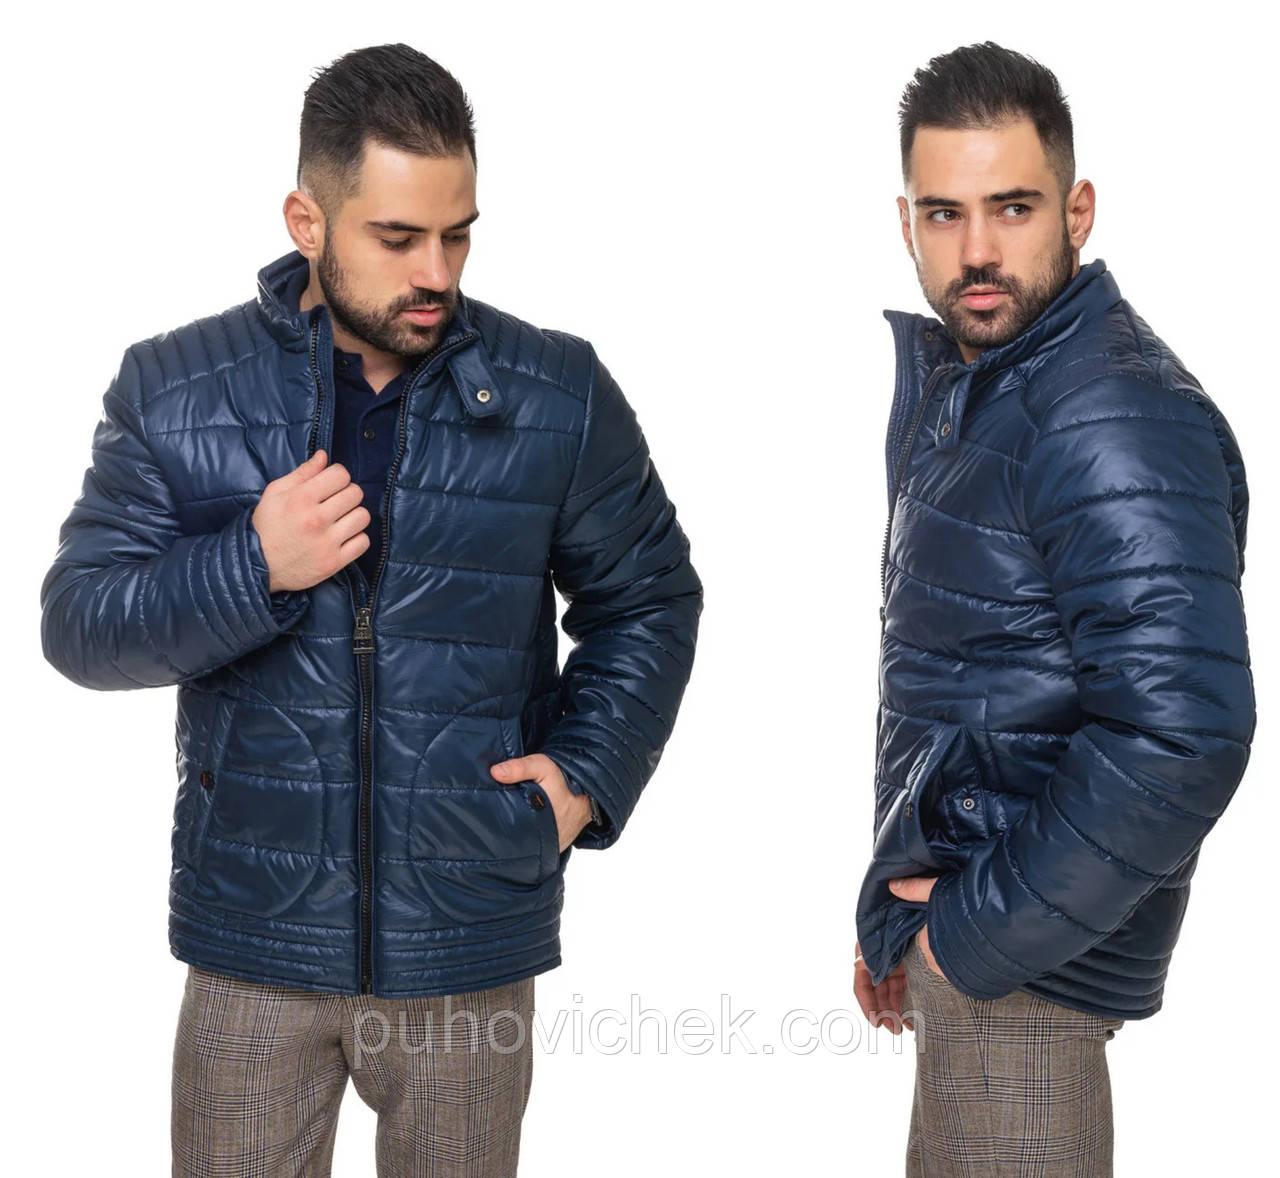 Демисезонные мужские куртки модные размеры 48-54